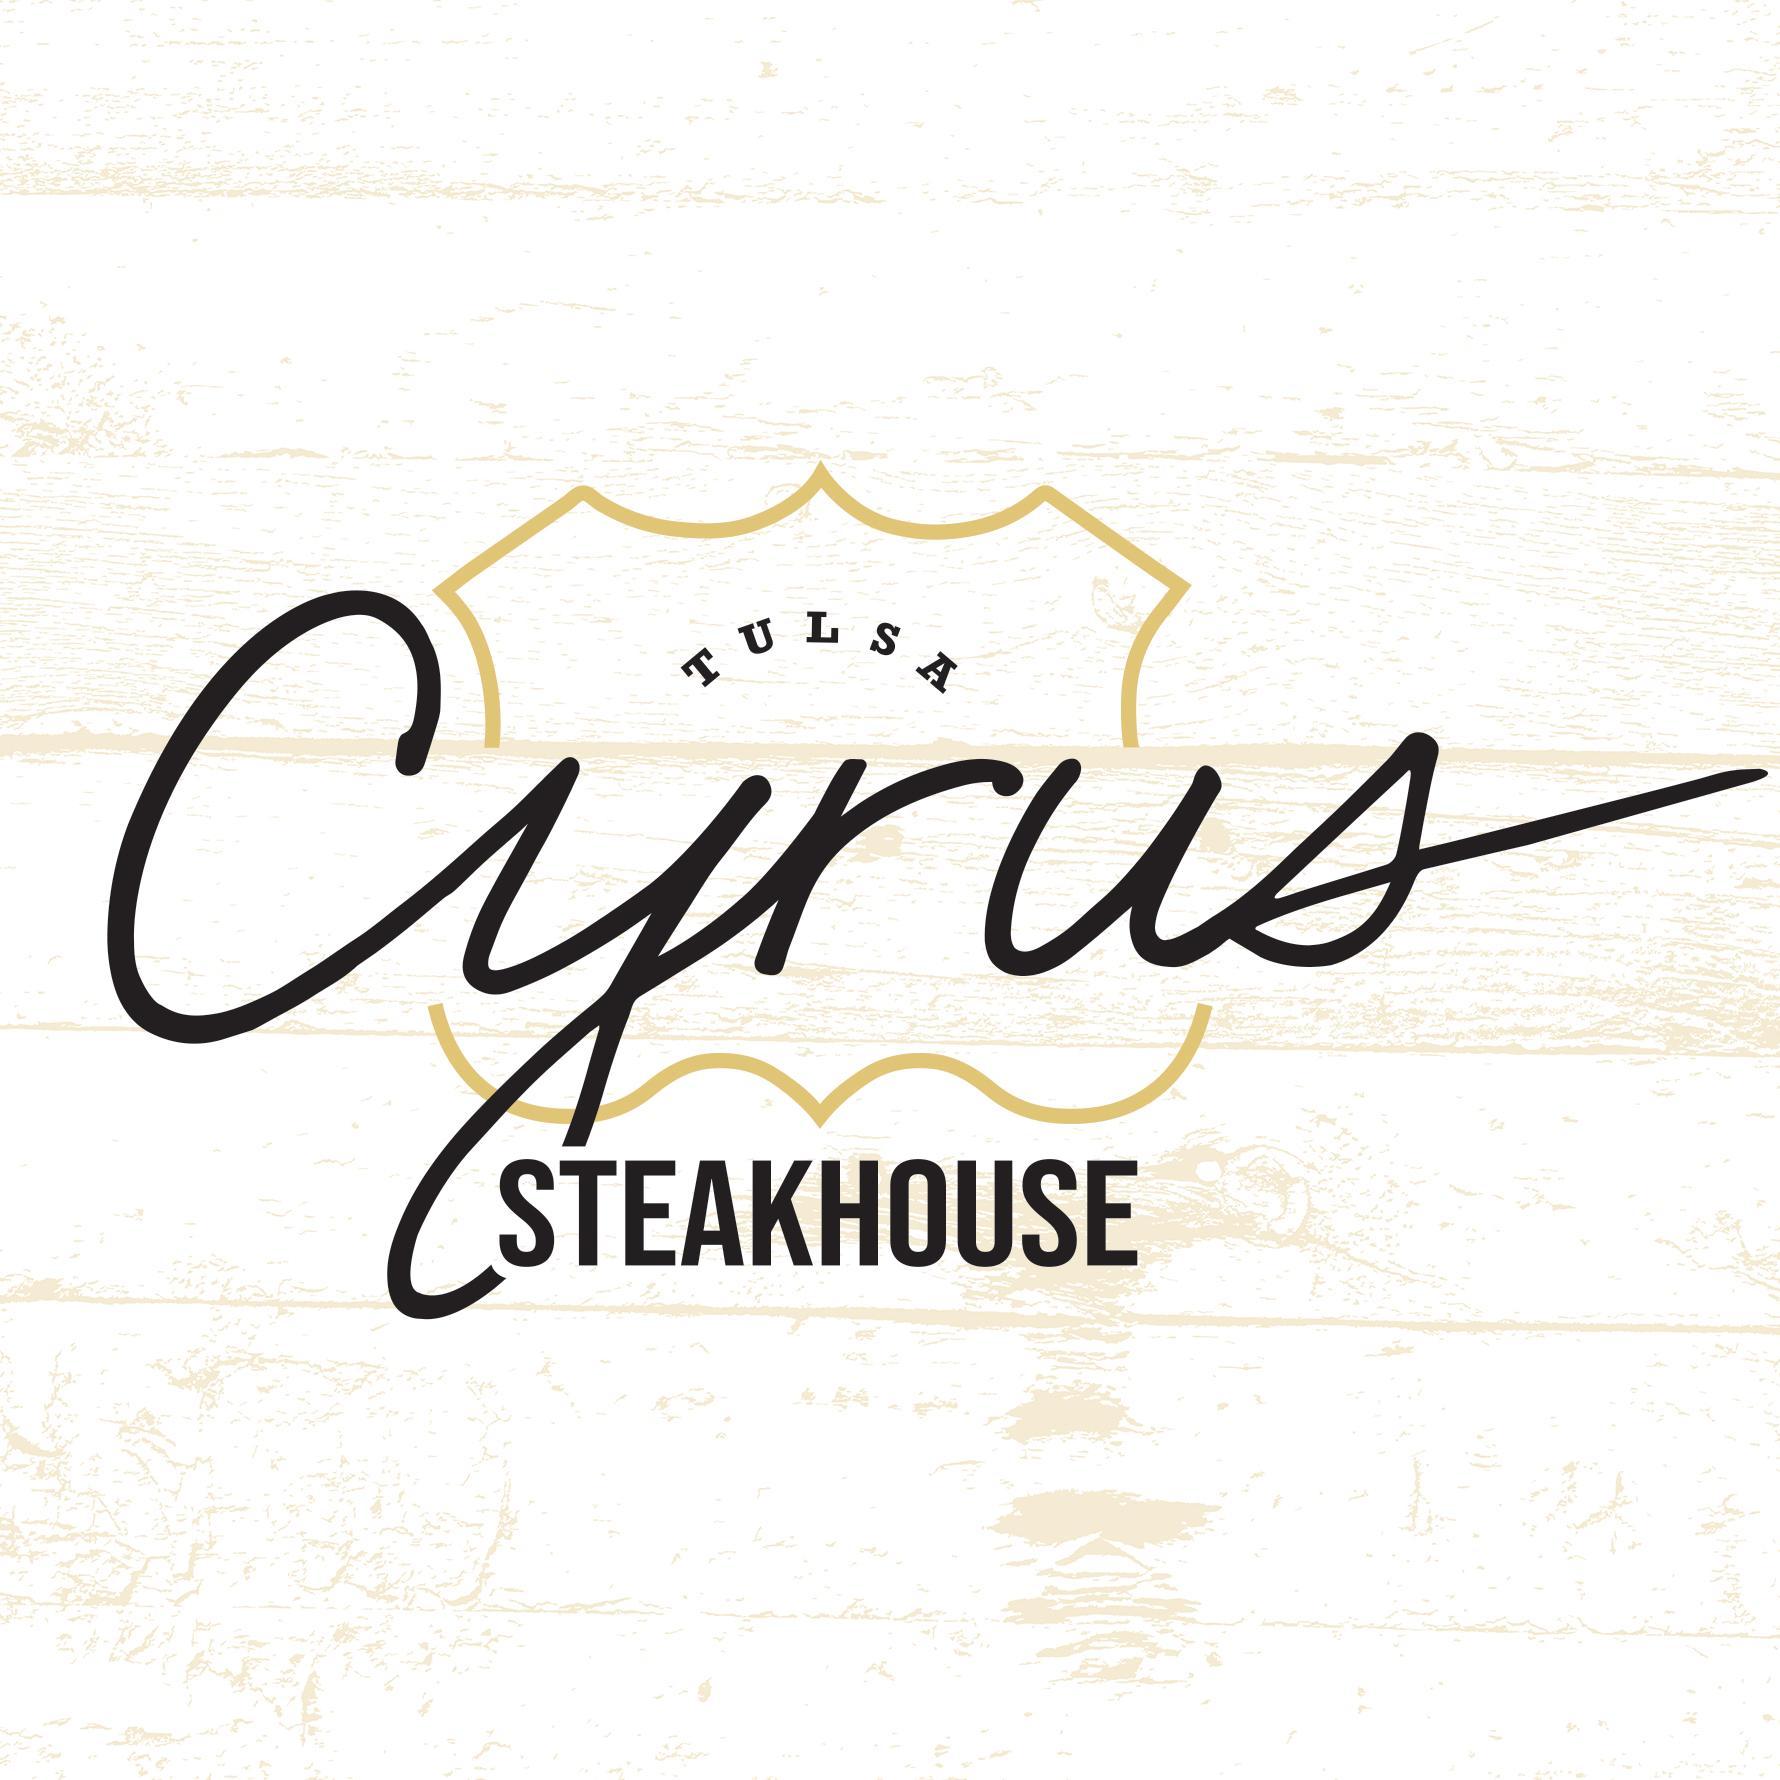 Cyrus Steakhouse Tulsa